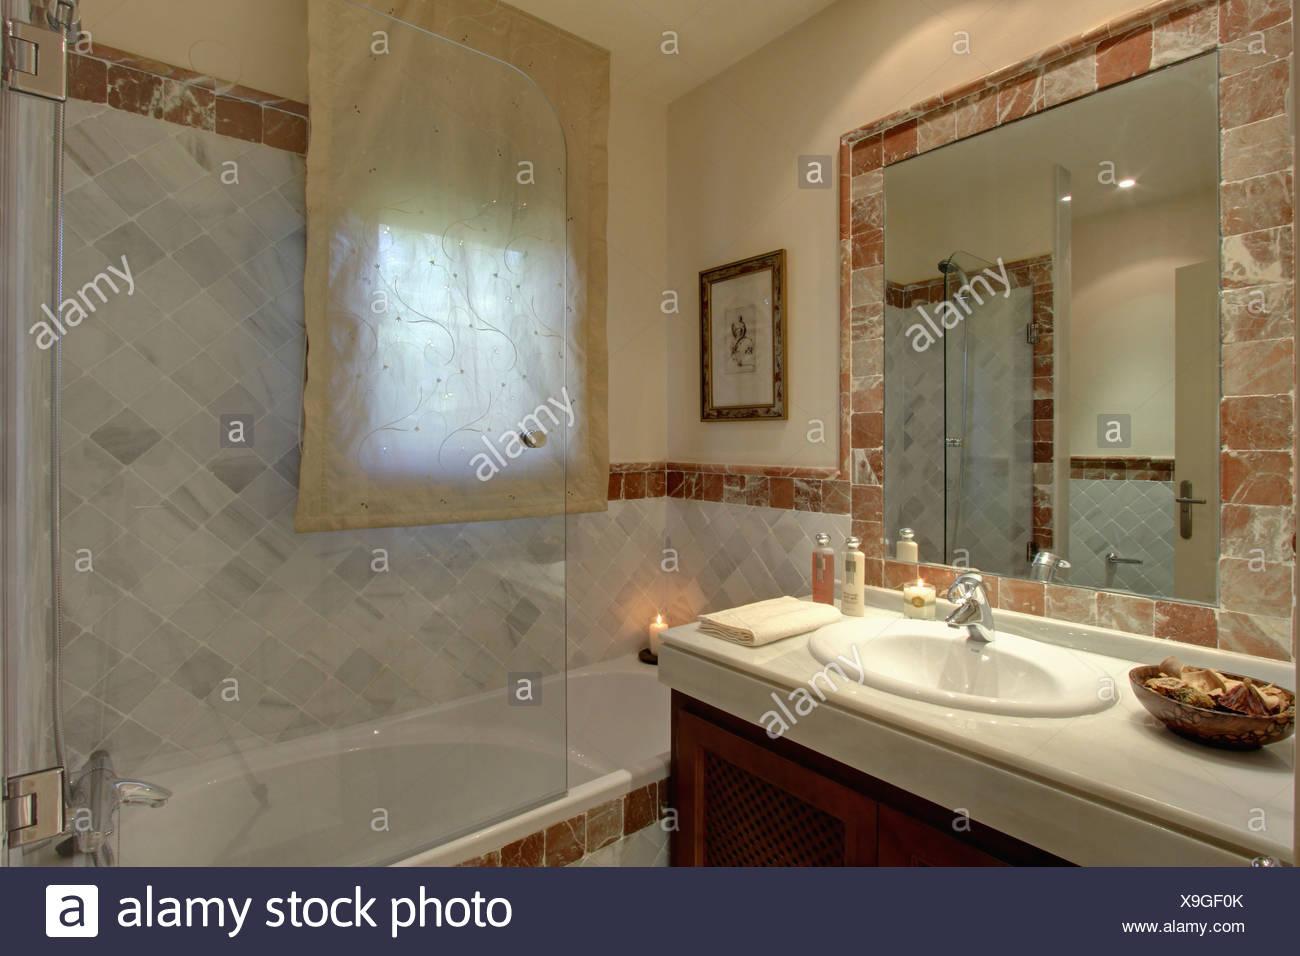 Carrelage Salle De Bain Ile De La Reunion ~ sur l cran de douche en verre baignoire dans salle de bains moderne